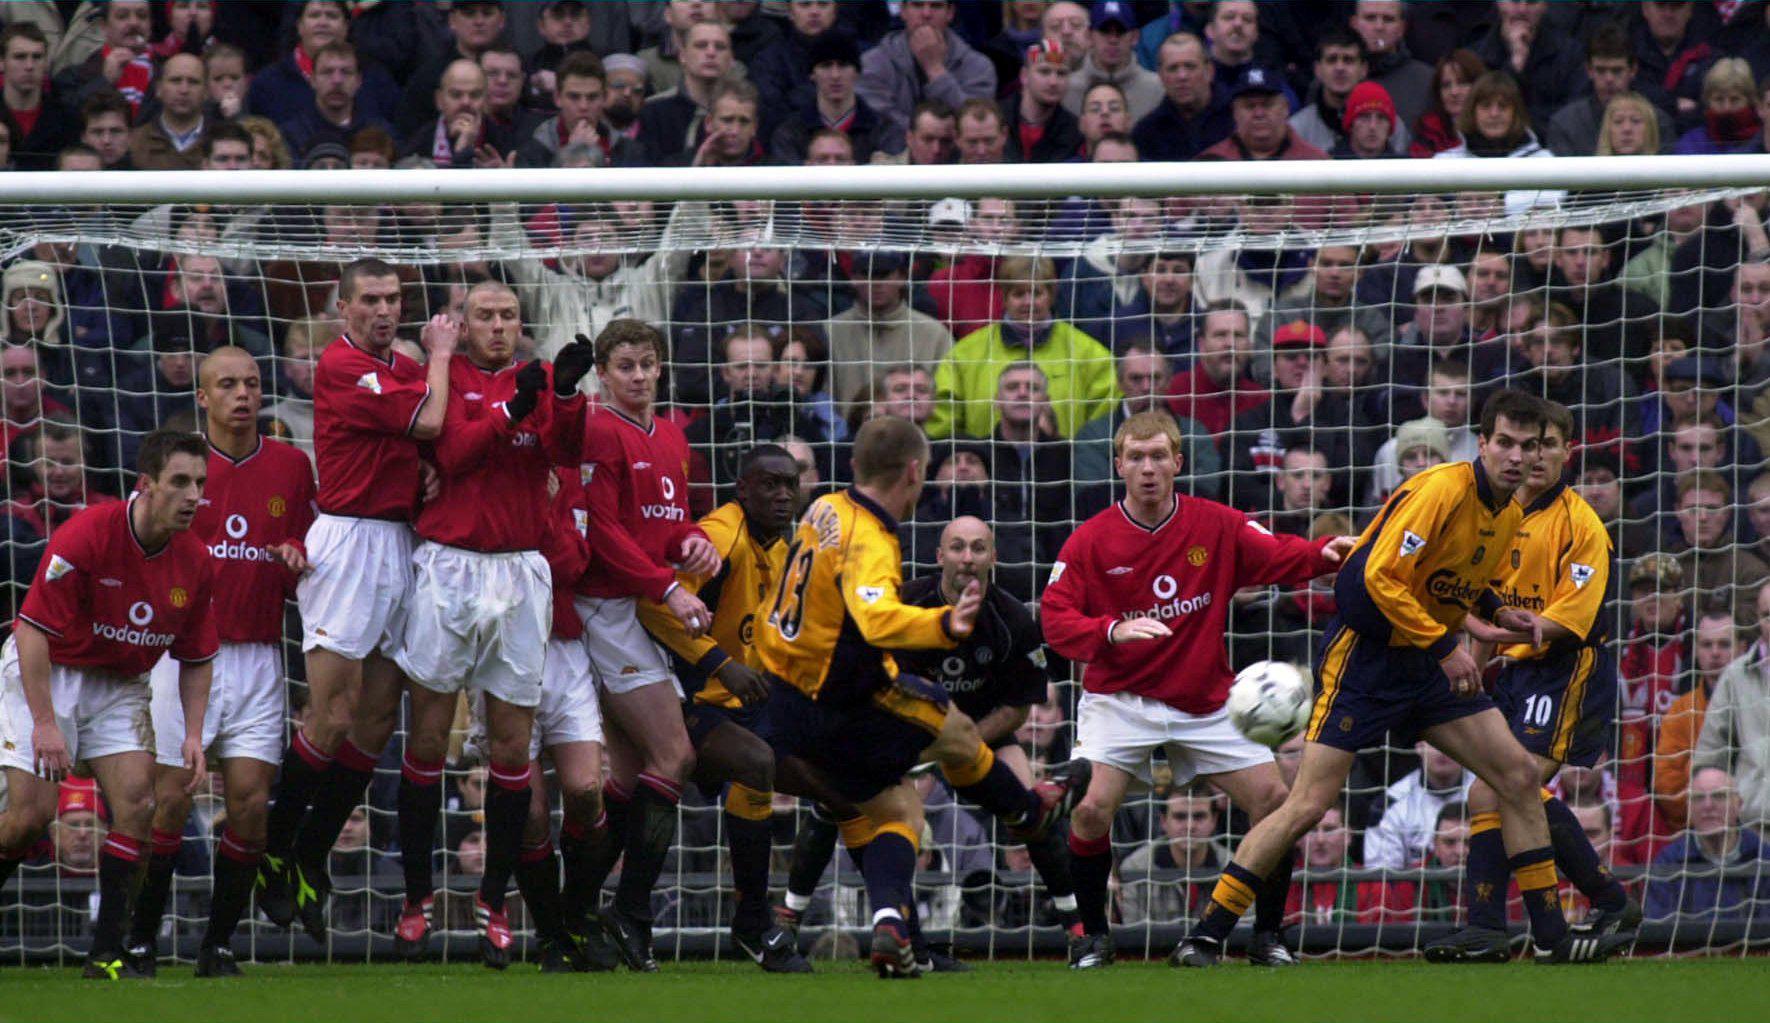 Murphy curls a free kick past Fabian Barthez in 2000